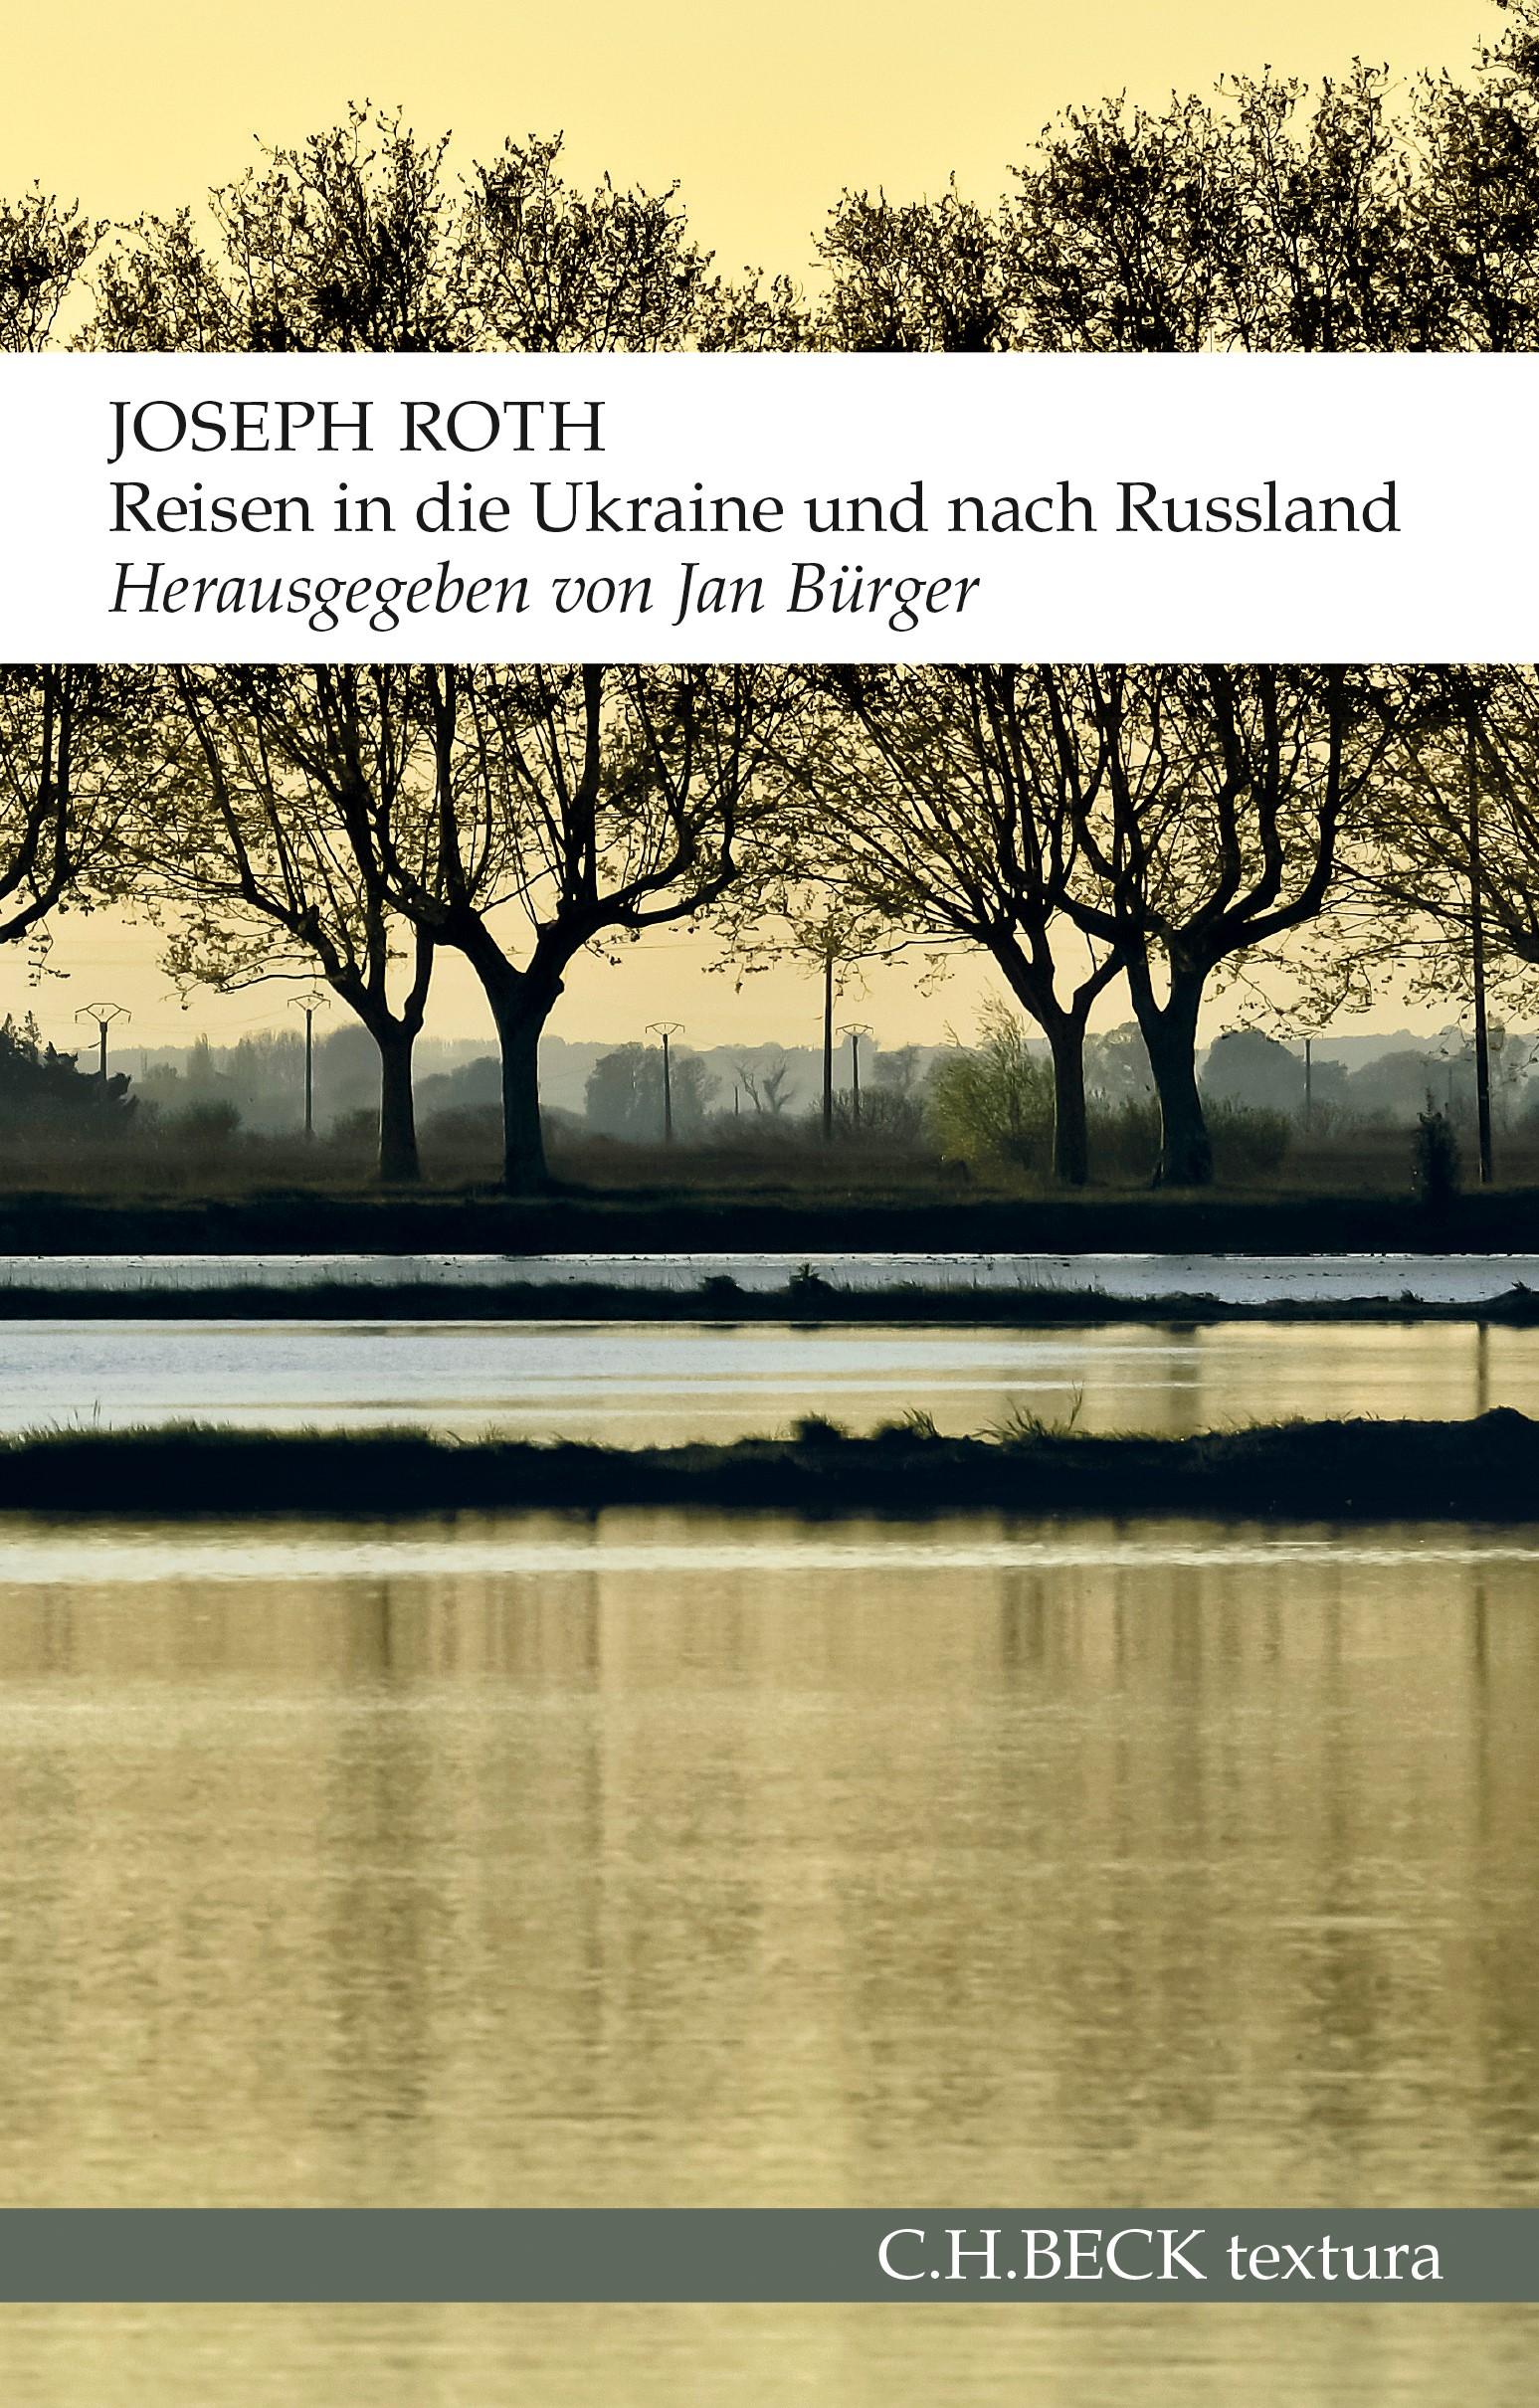 Cover des Buches 'Reisen in die Ukraine und nach Russland'